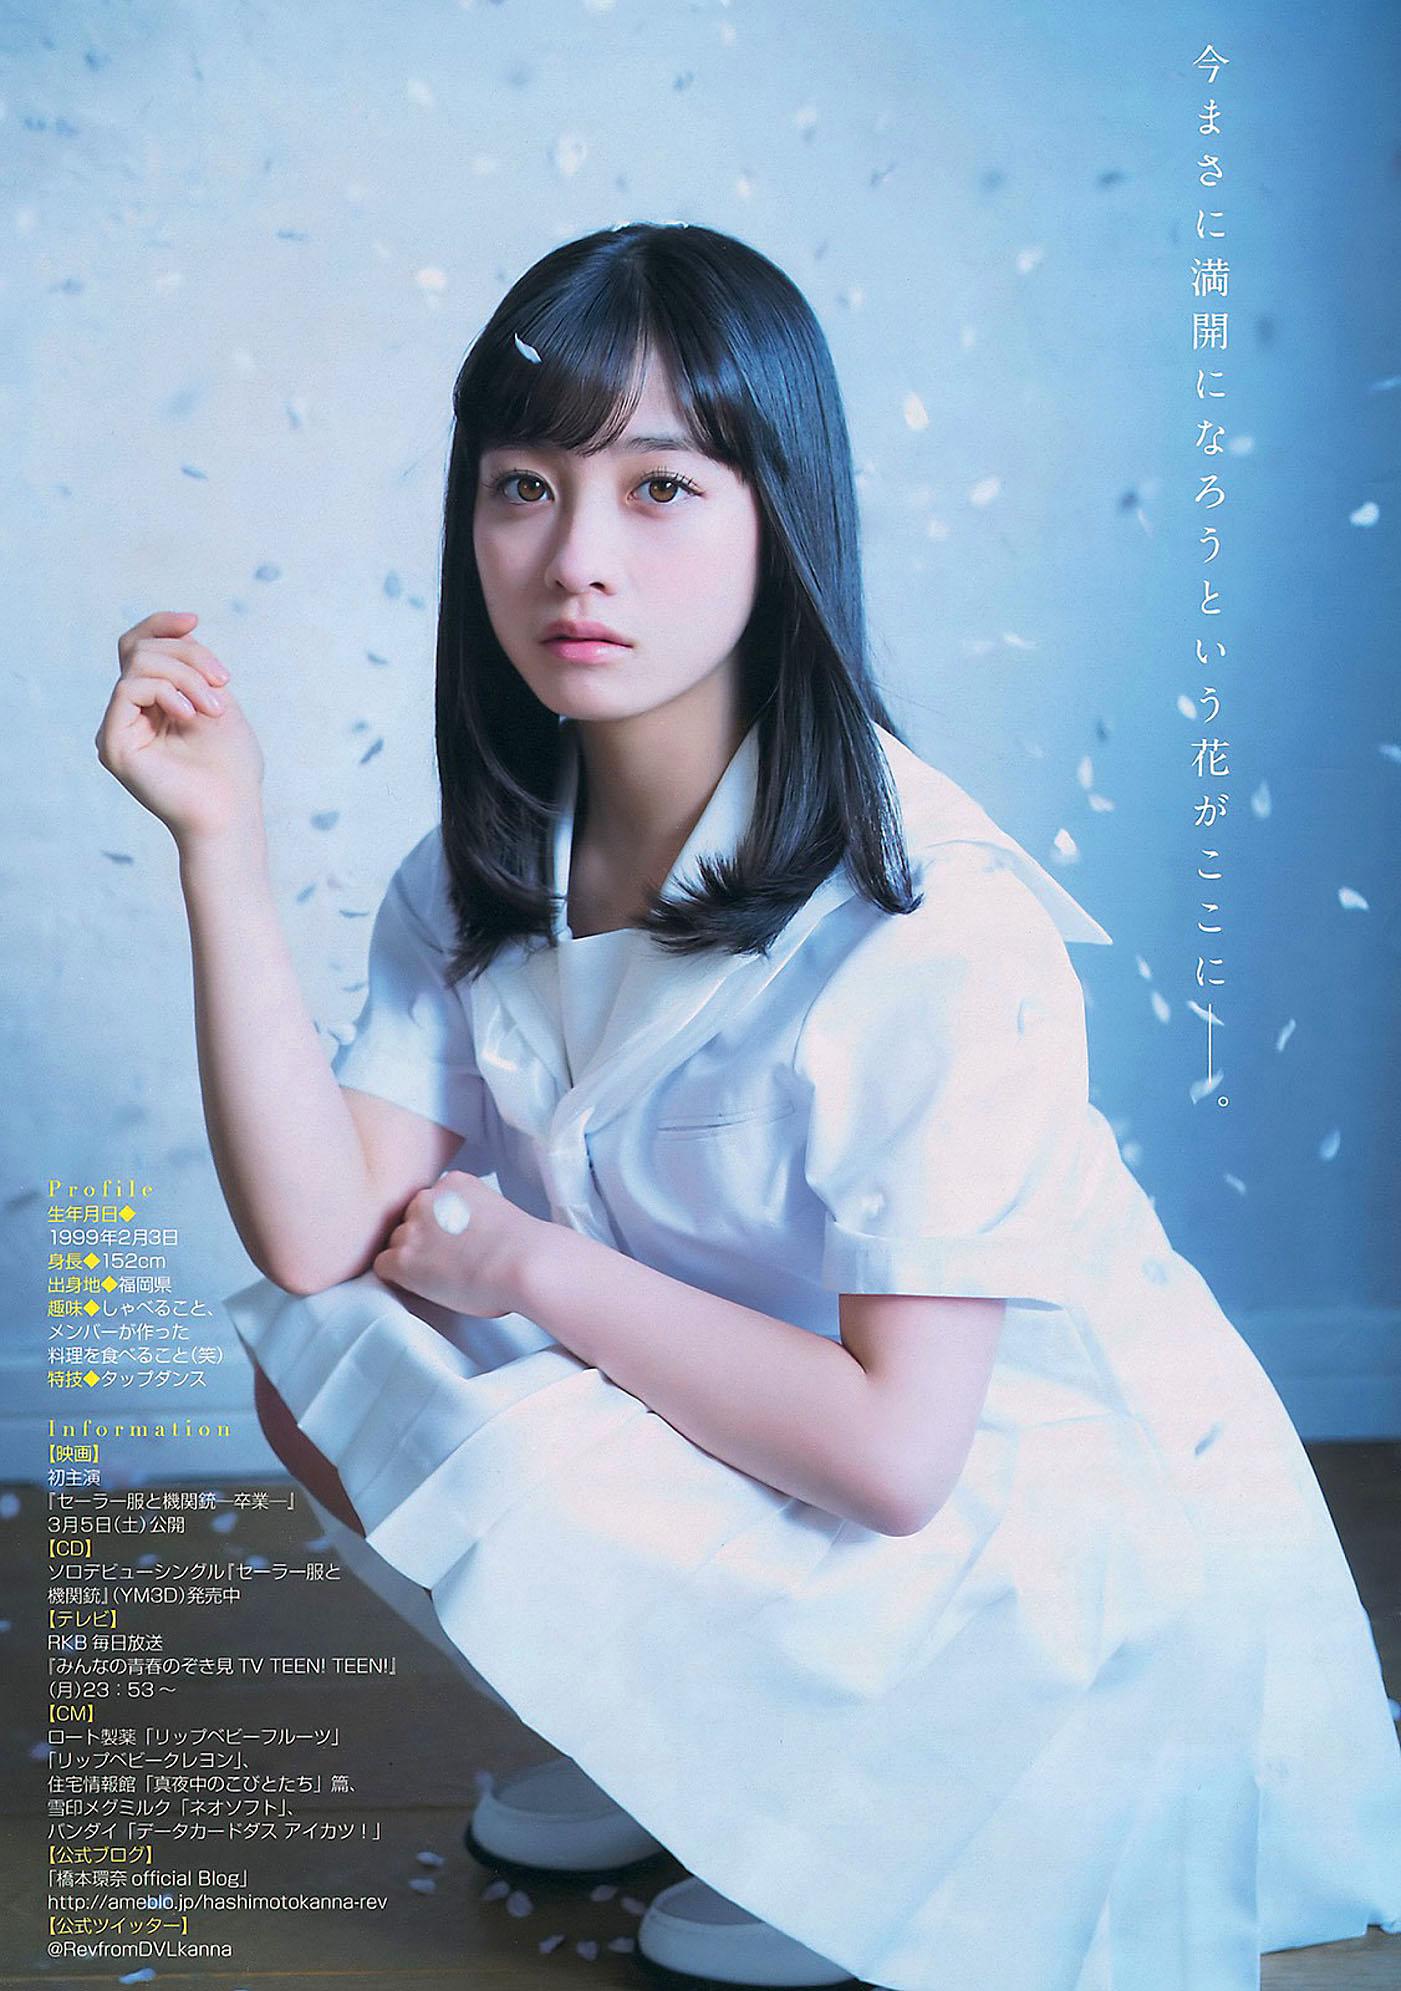 KHashimoto Young Magazine 160314 07.jpg